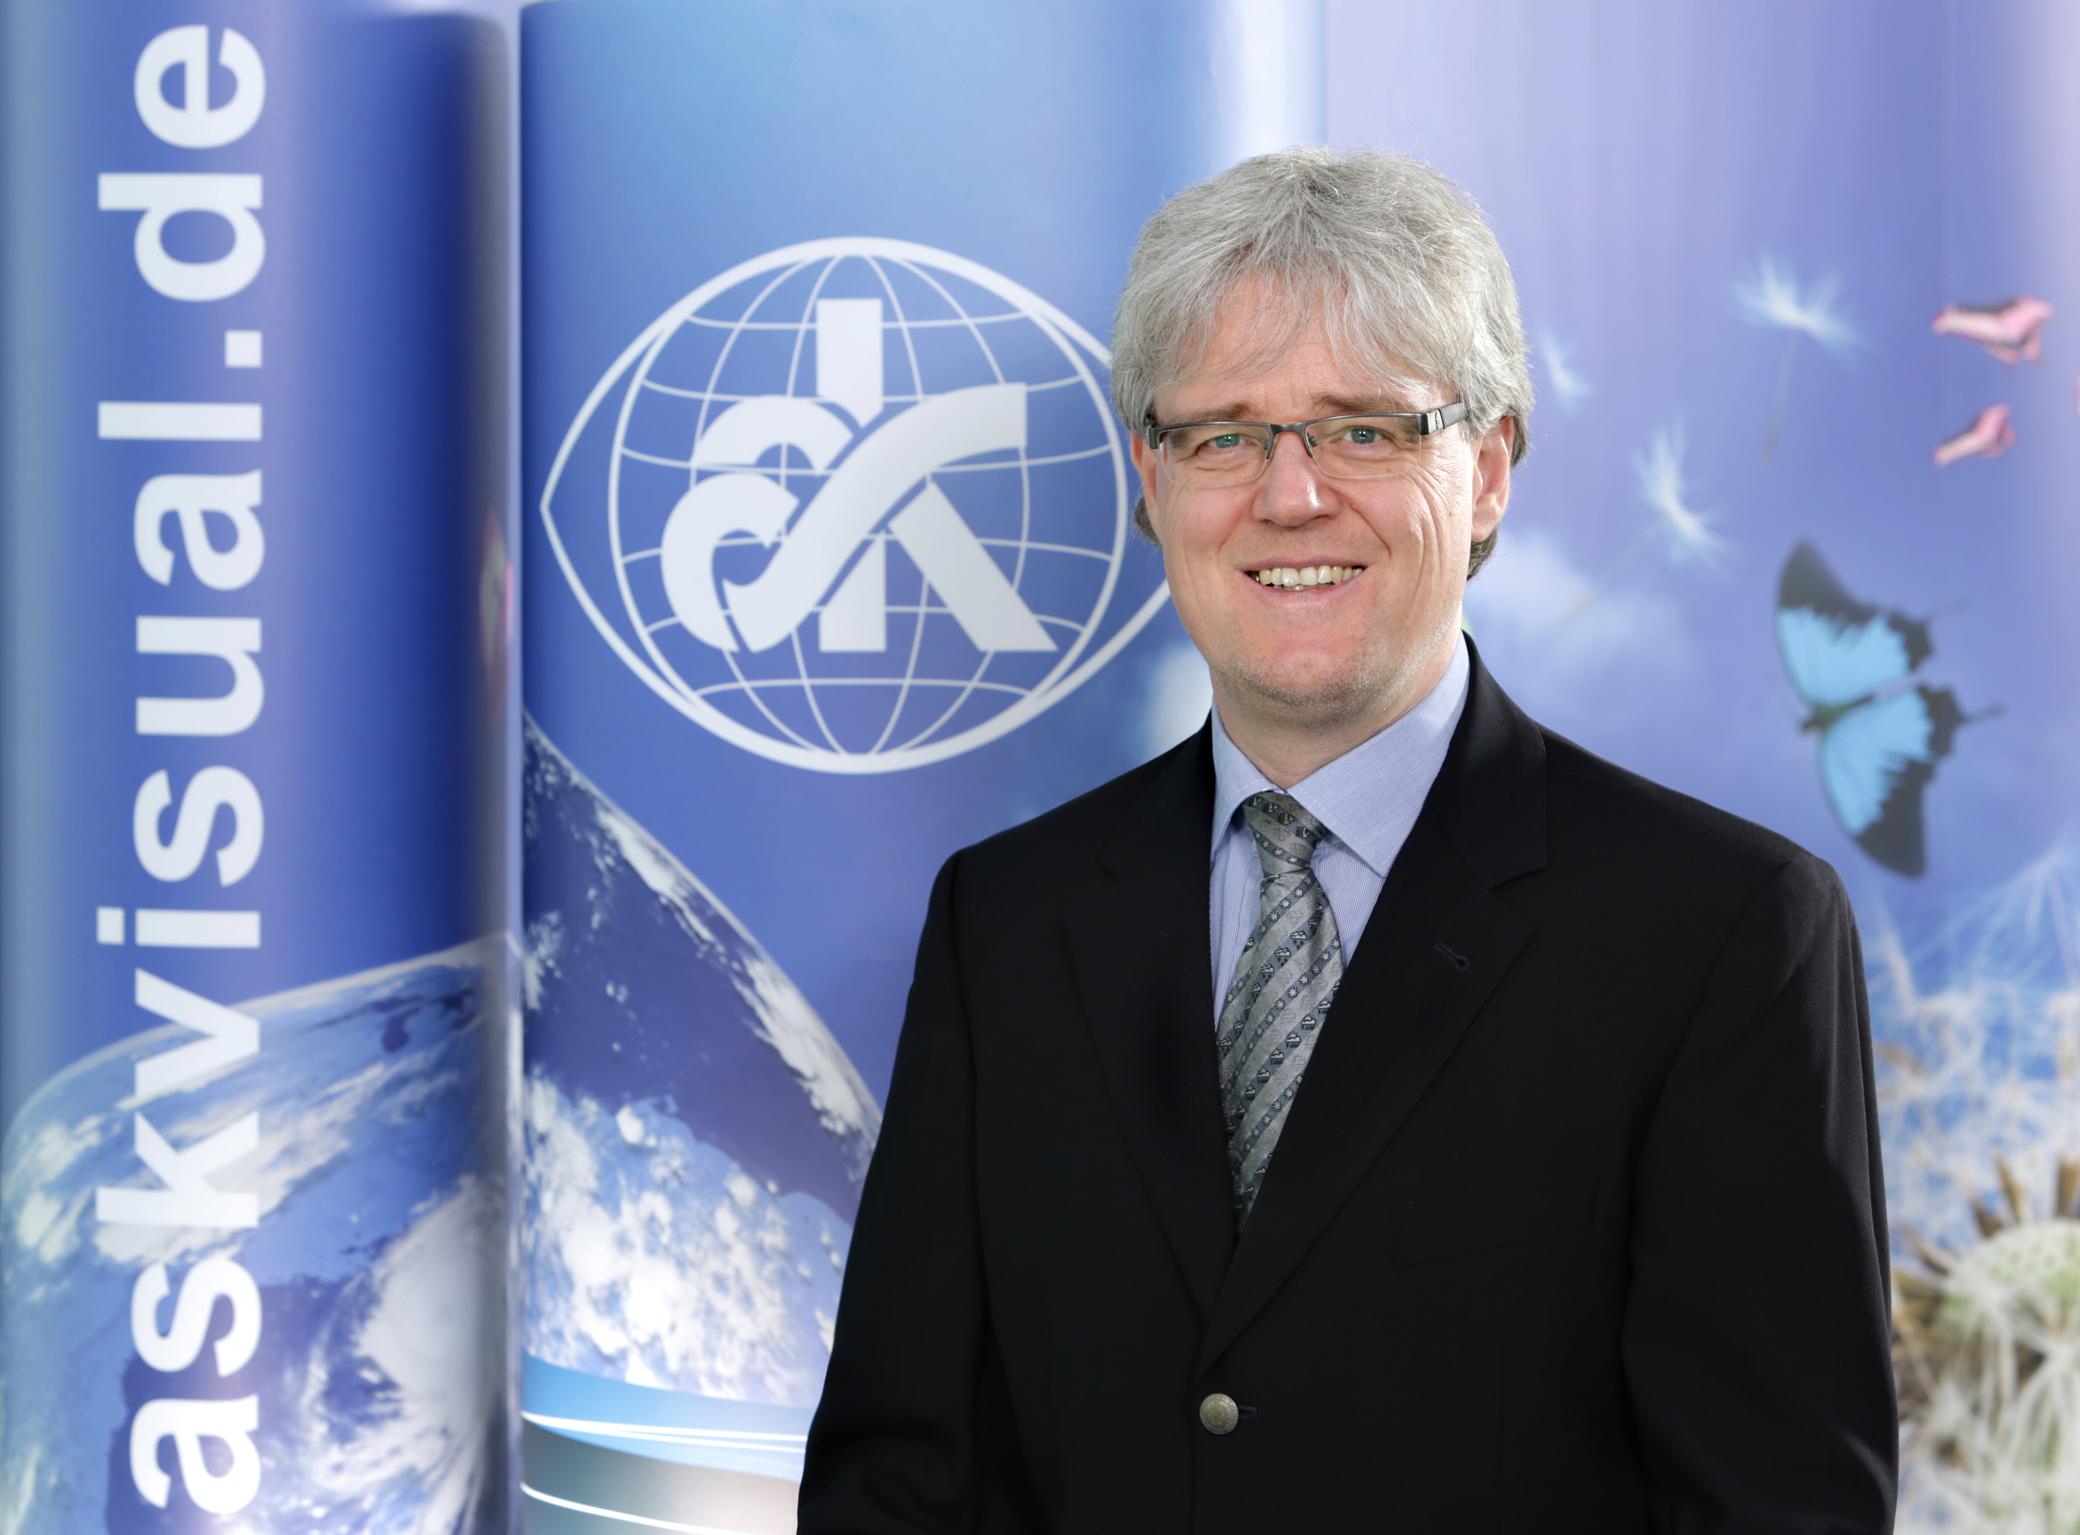 Dr. Florian Schröder